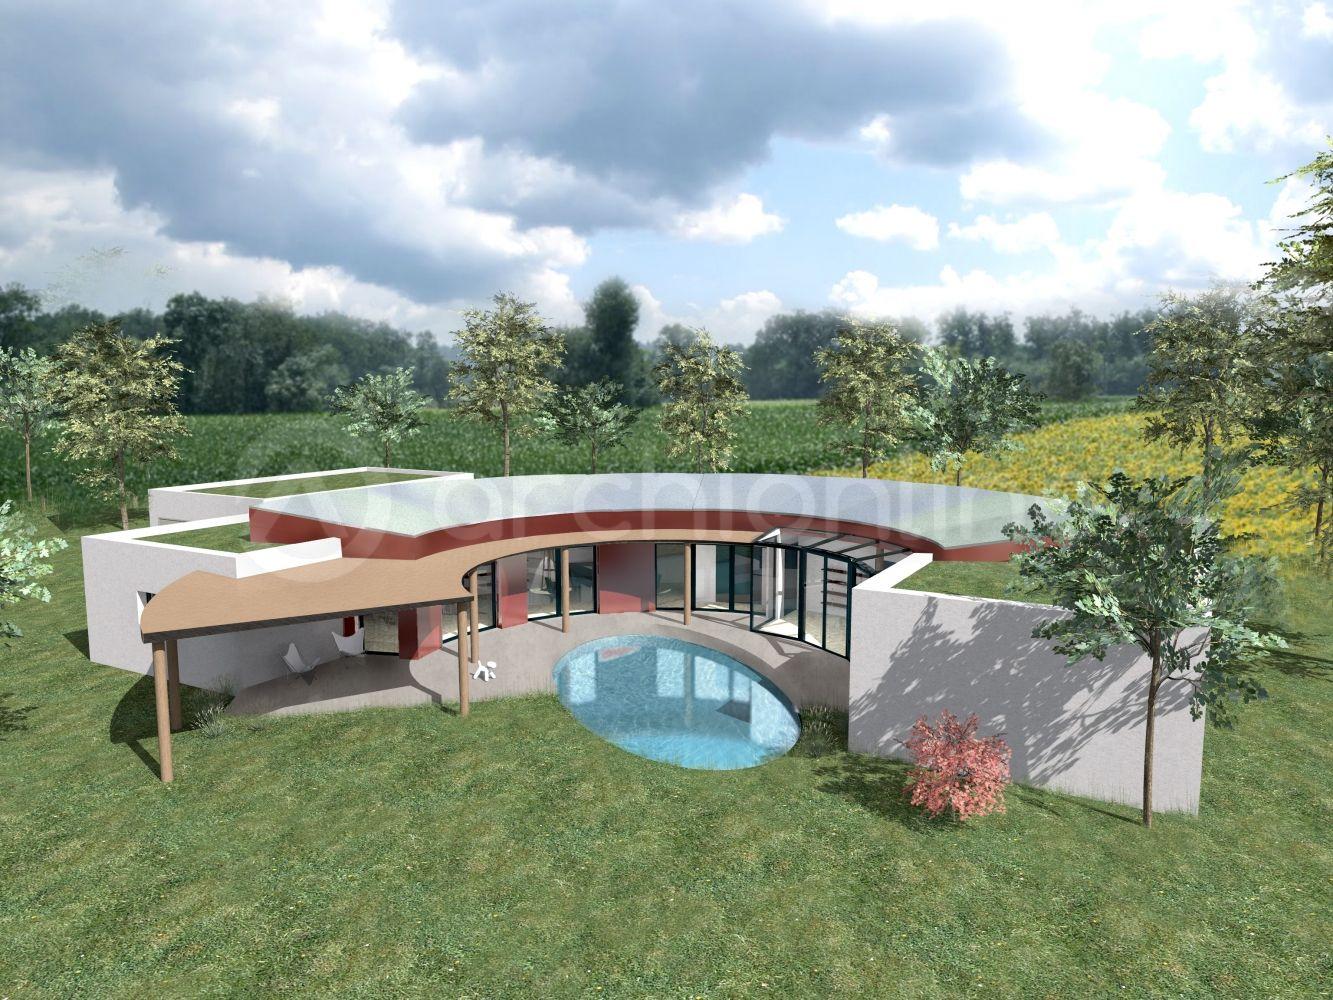 Maison Max Plan Maison Contemporaine Plan Maison Et Plan Maison